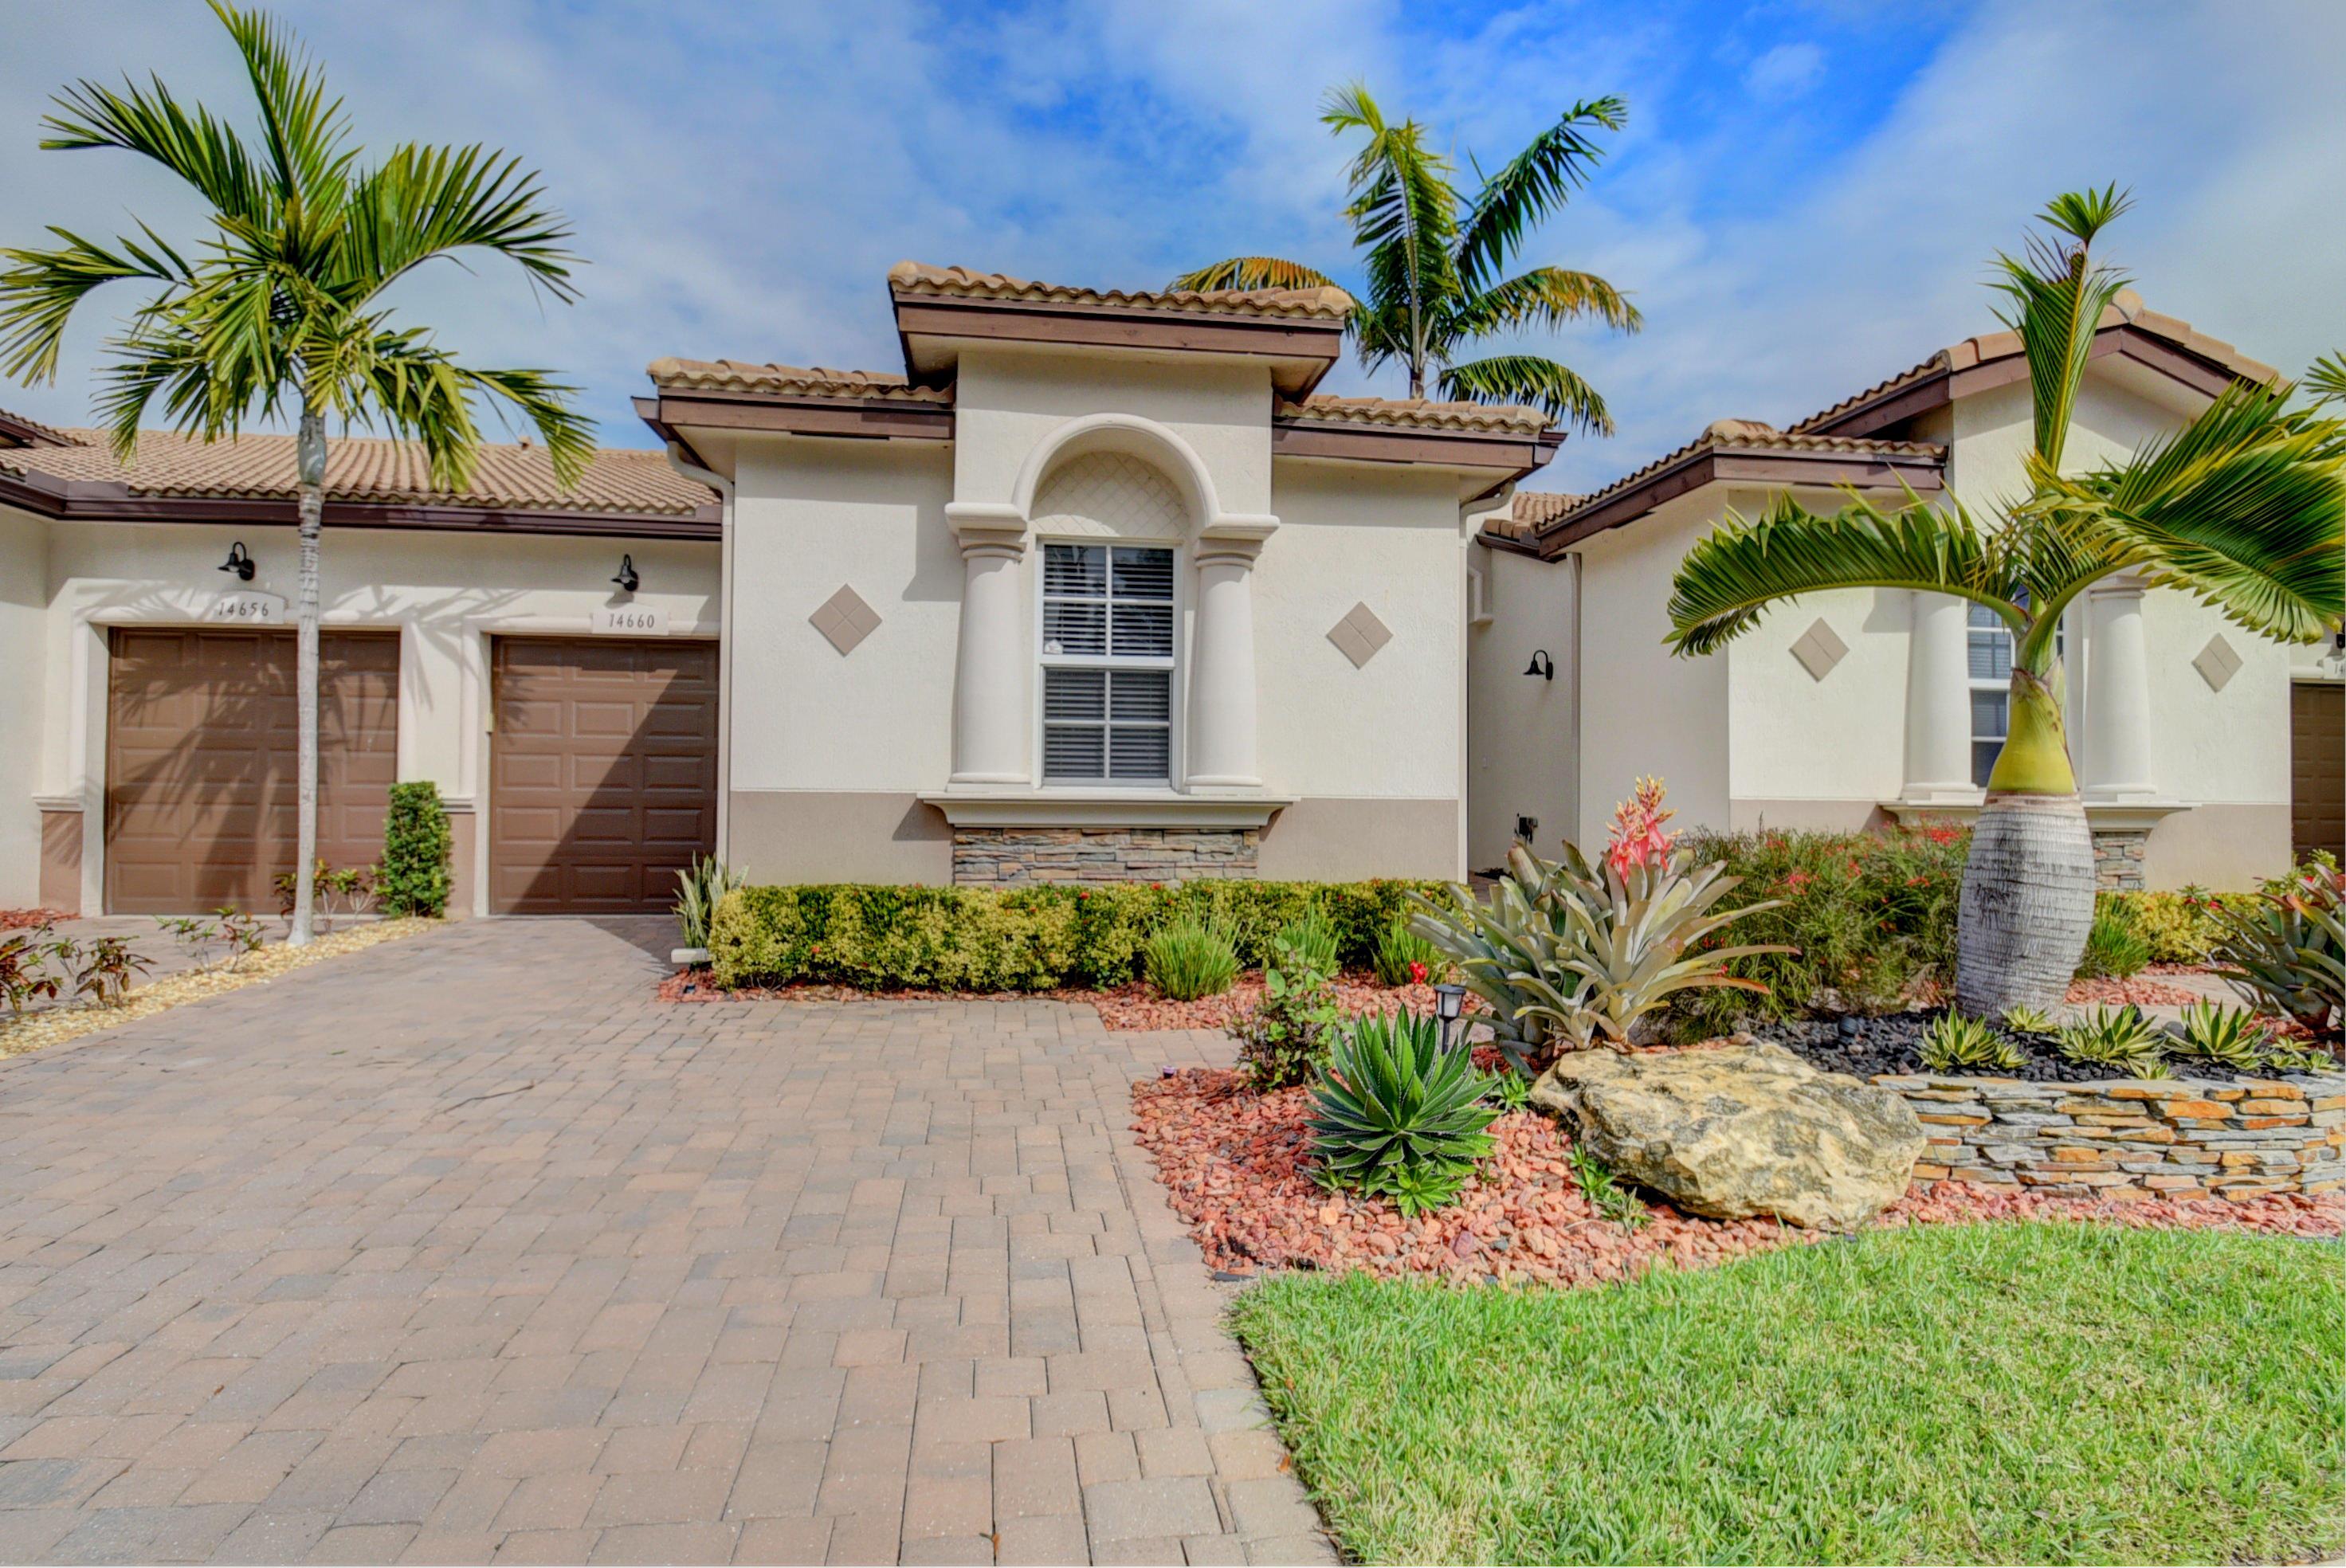 VILLAGGIO RESERVE home 14660 Barletta Way Delray Beach FL 33446